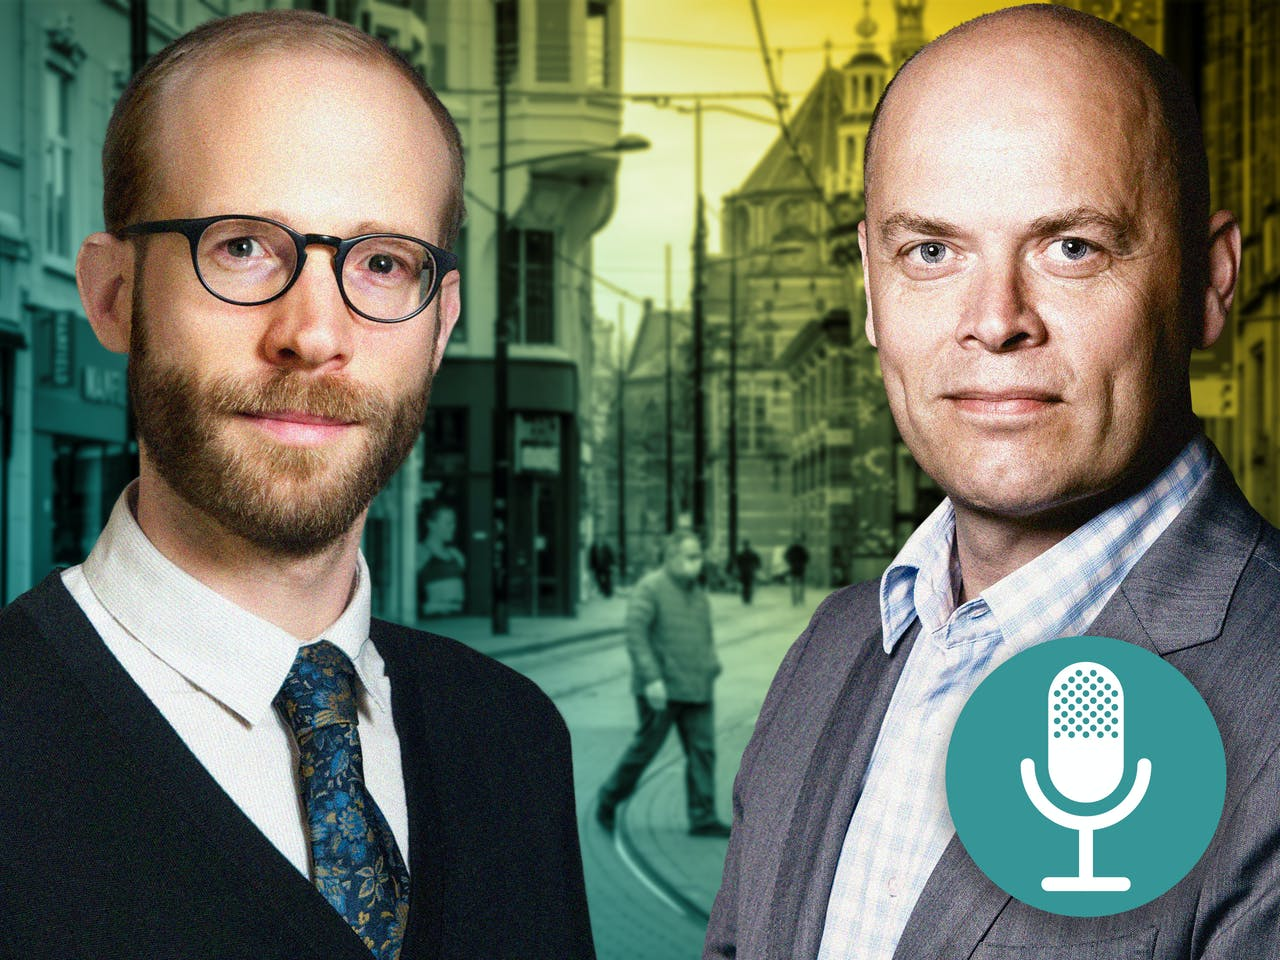 FD-redacteur Daan Ballegeer en FD-columnist Mathijs Bouman